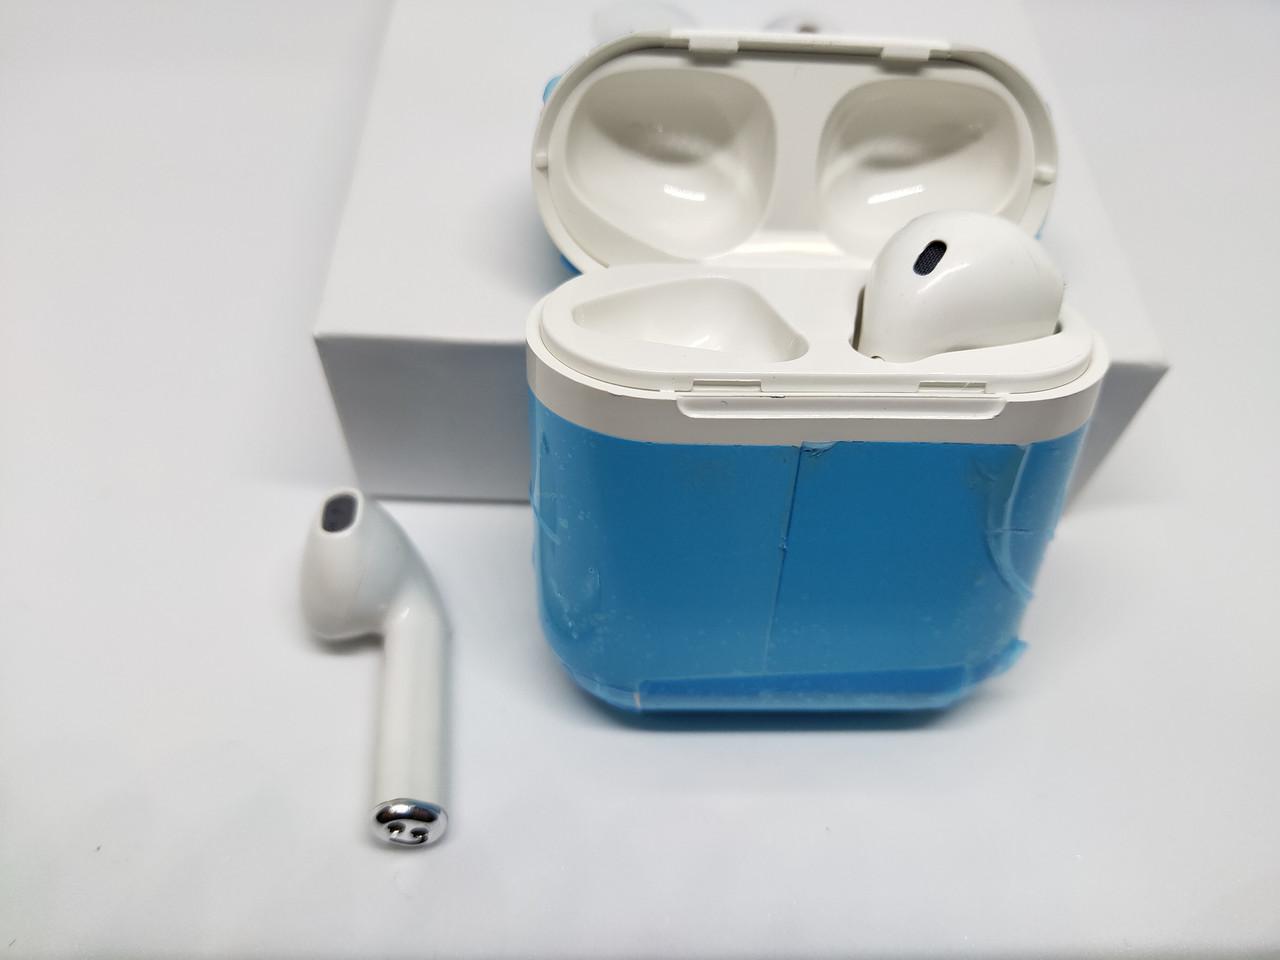 ... Беспроводные наушники iFans i8 (Afans). Bluetooth гарнитура аналог  AirPods 51fed40981726